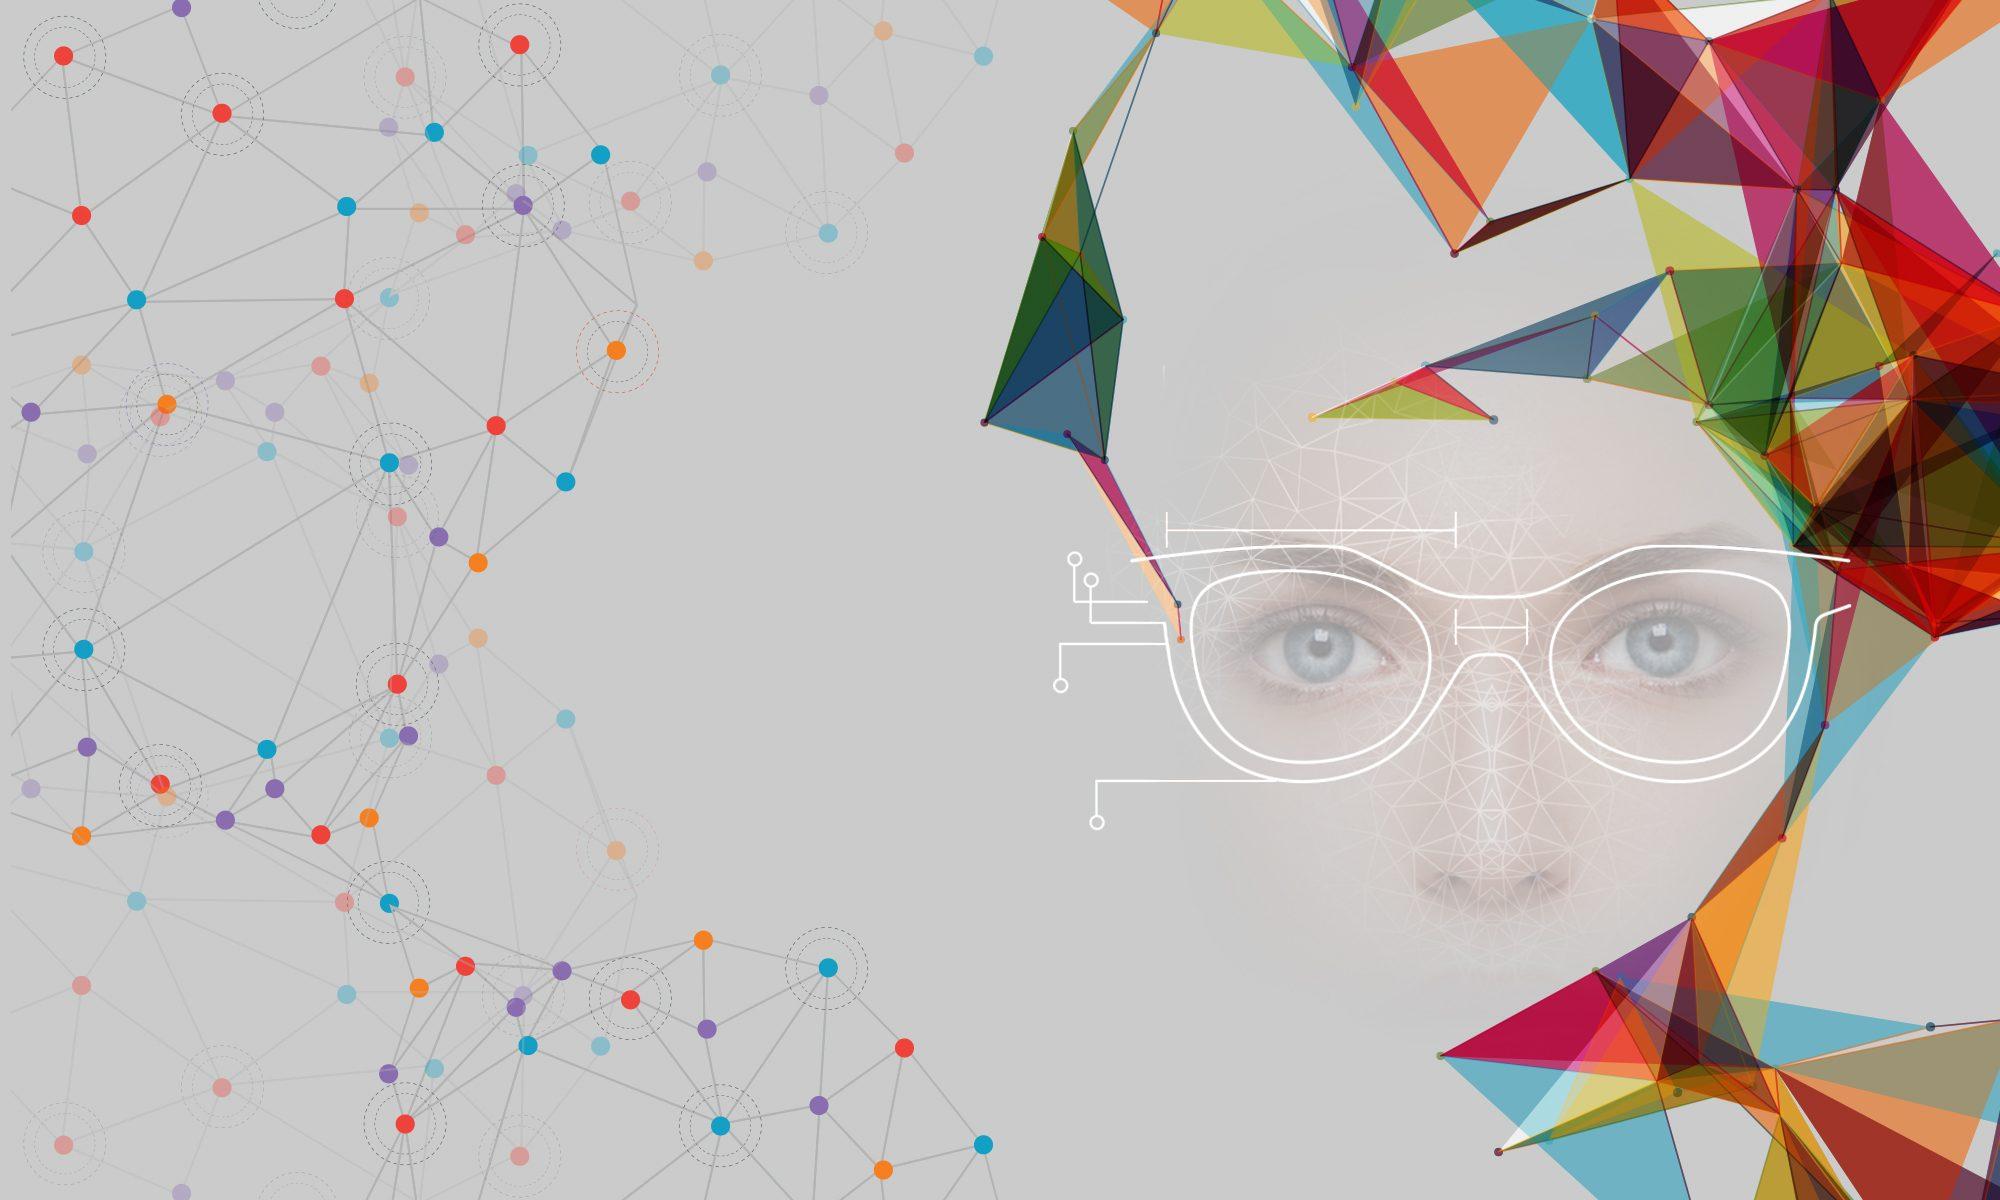 08.05.2019 Hayalimdeki Gözlük Tasarım Yarışması Başlattık